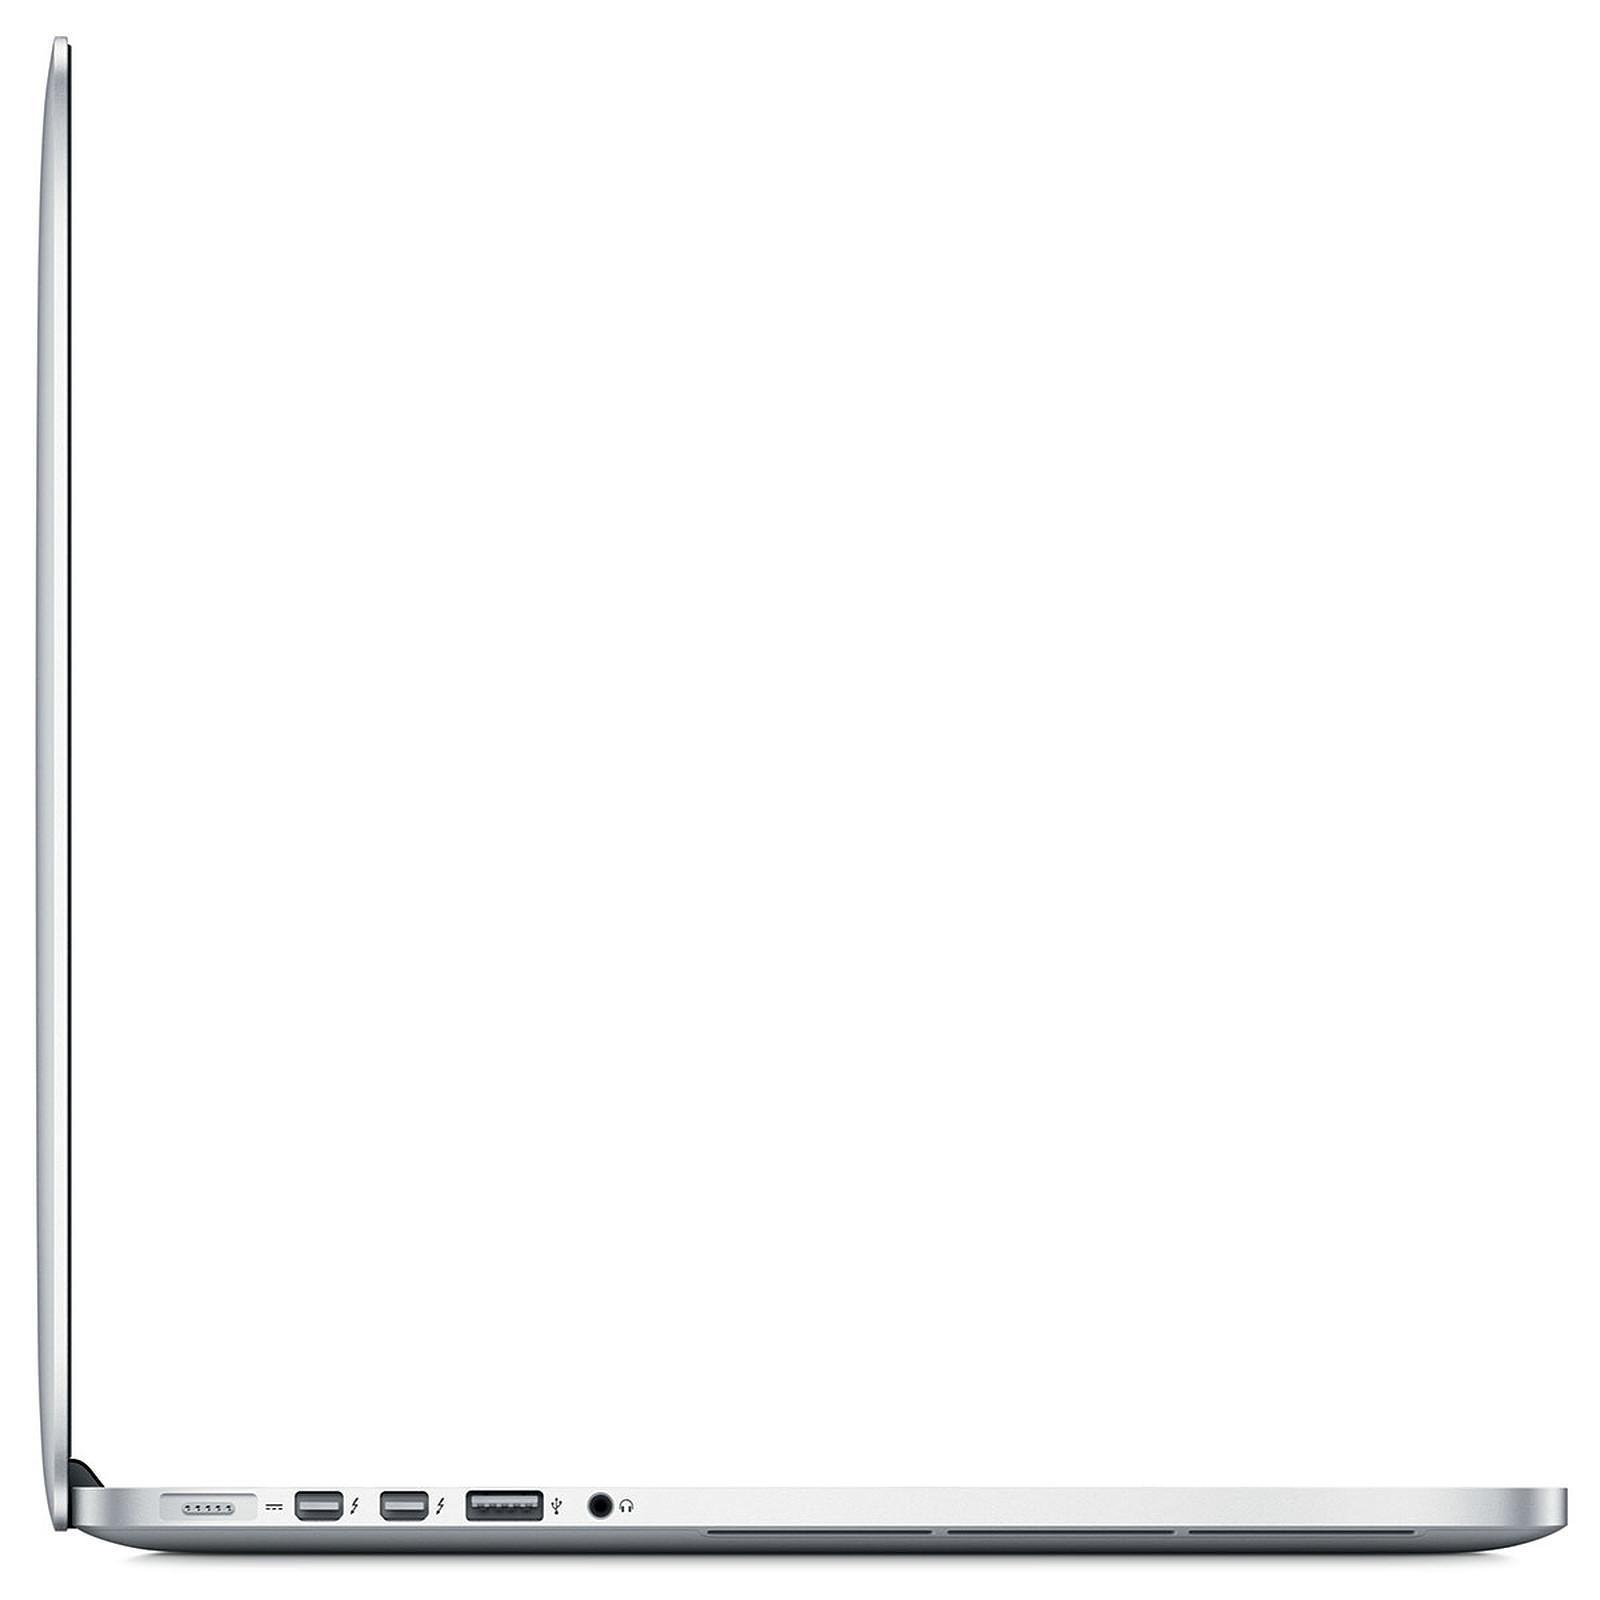 MacBook Pro Retina 15,4-tum (2014) - Core i7 - 16GB - SSD 256 GB QWERTY - Engelska (USA)